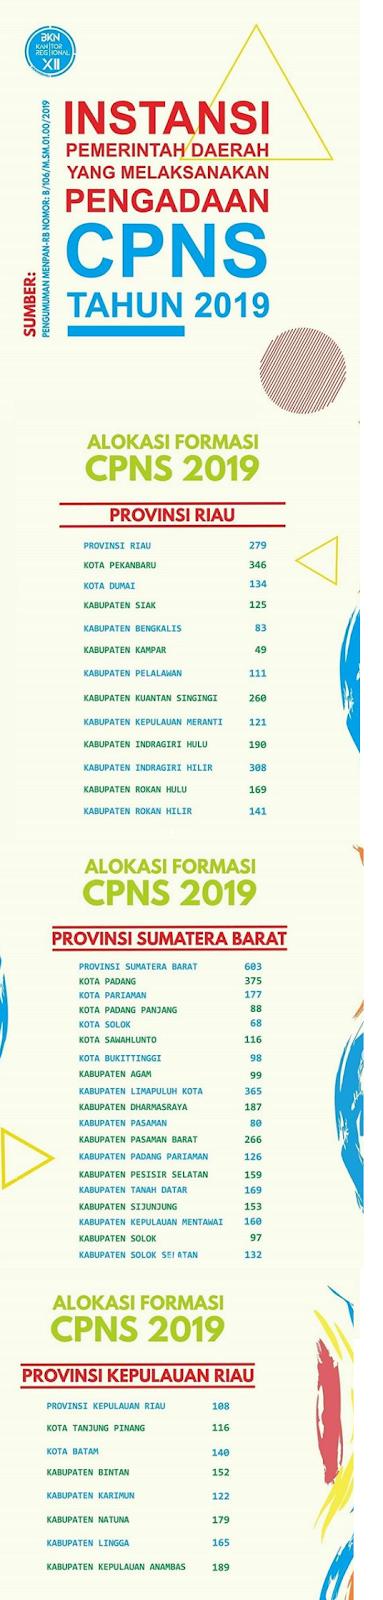 Formasi CPNS ini Belum ada yang lamar, di Wilayah Regional Pekanbaru